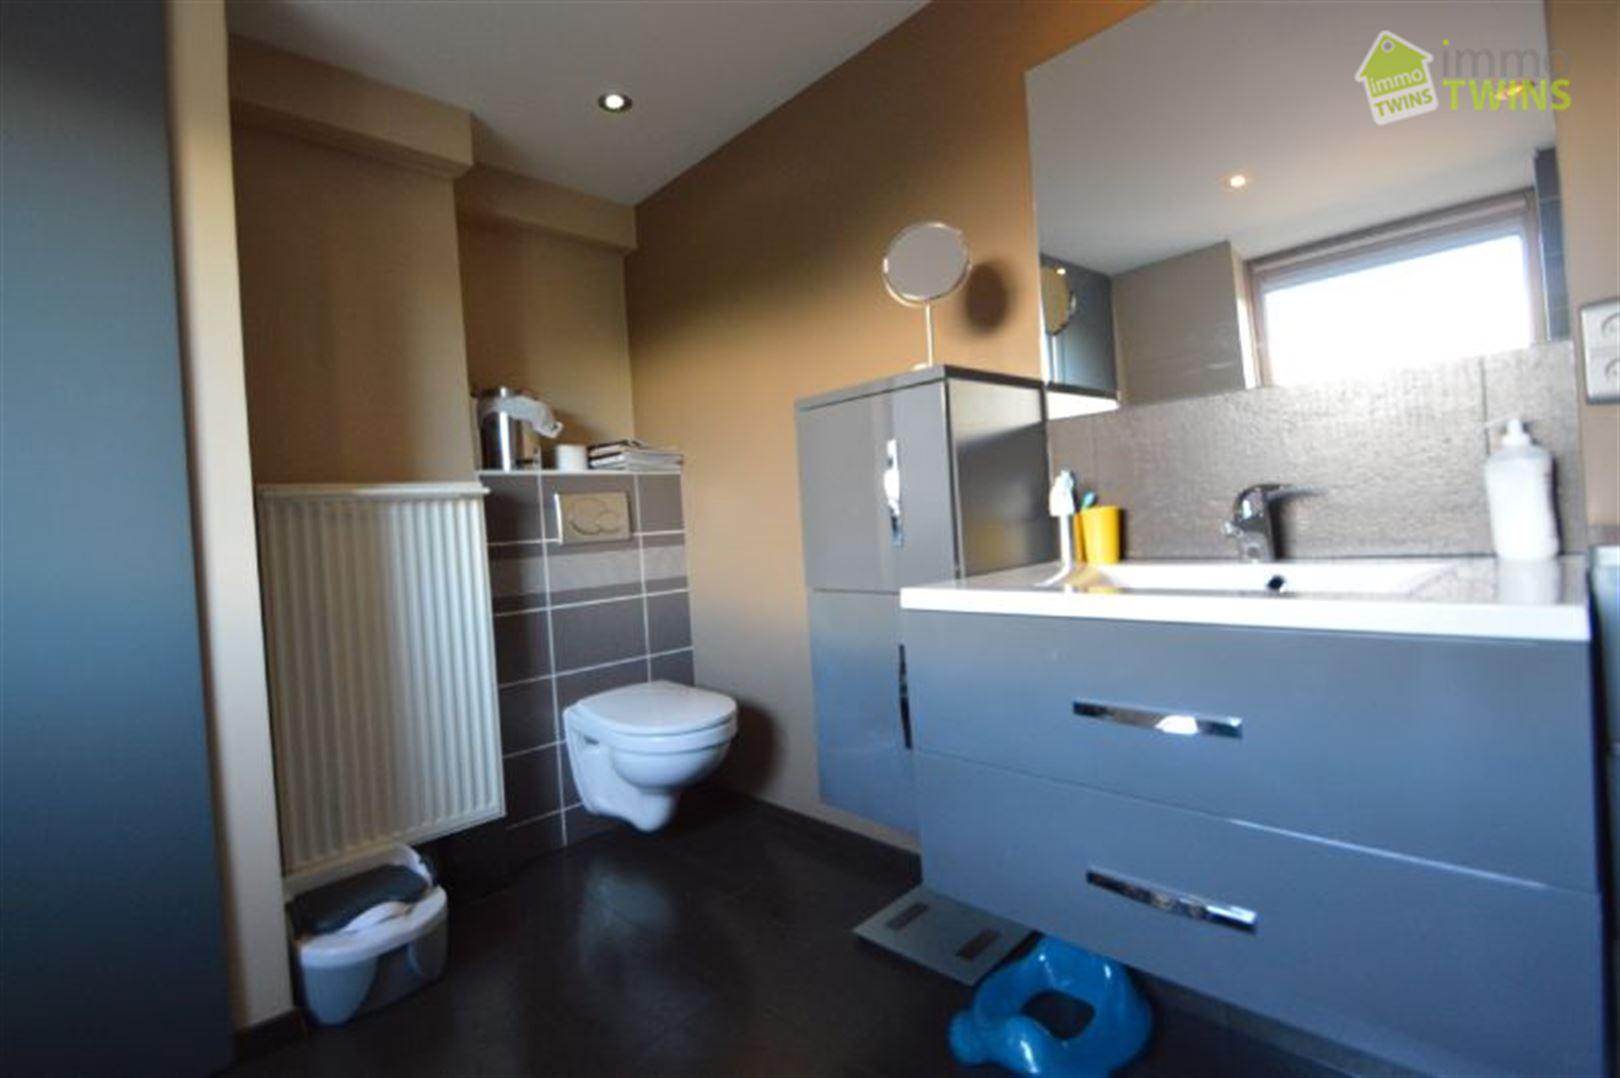 Foto 11 : Huis te 9200 Baasrode (België) - Prijs € 725